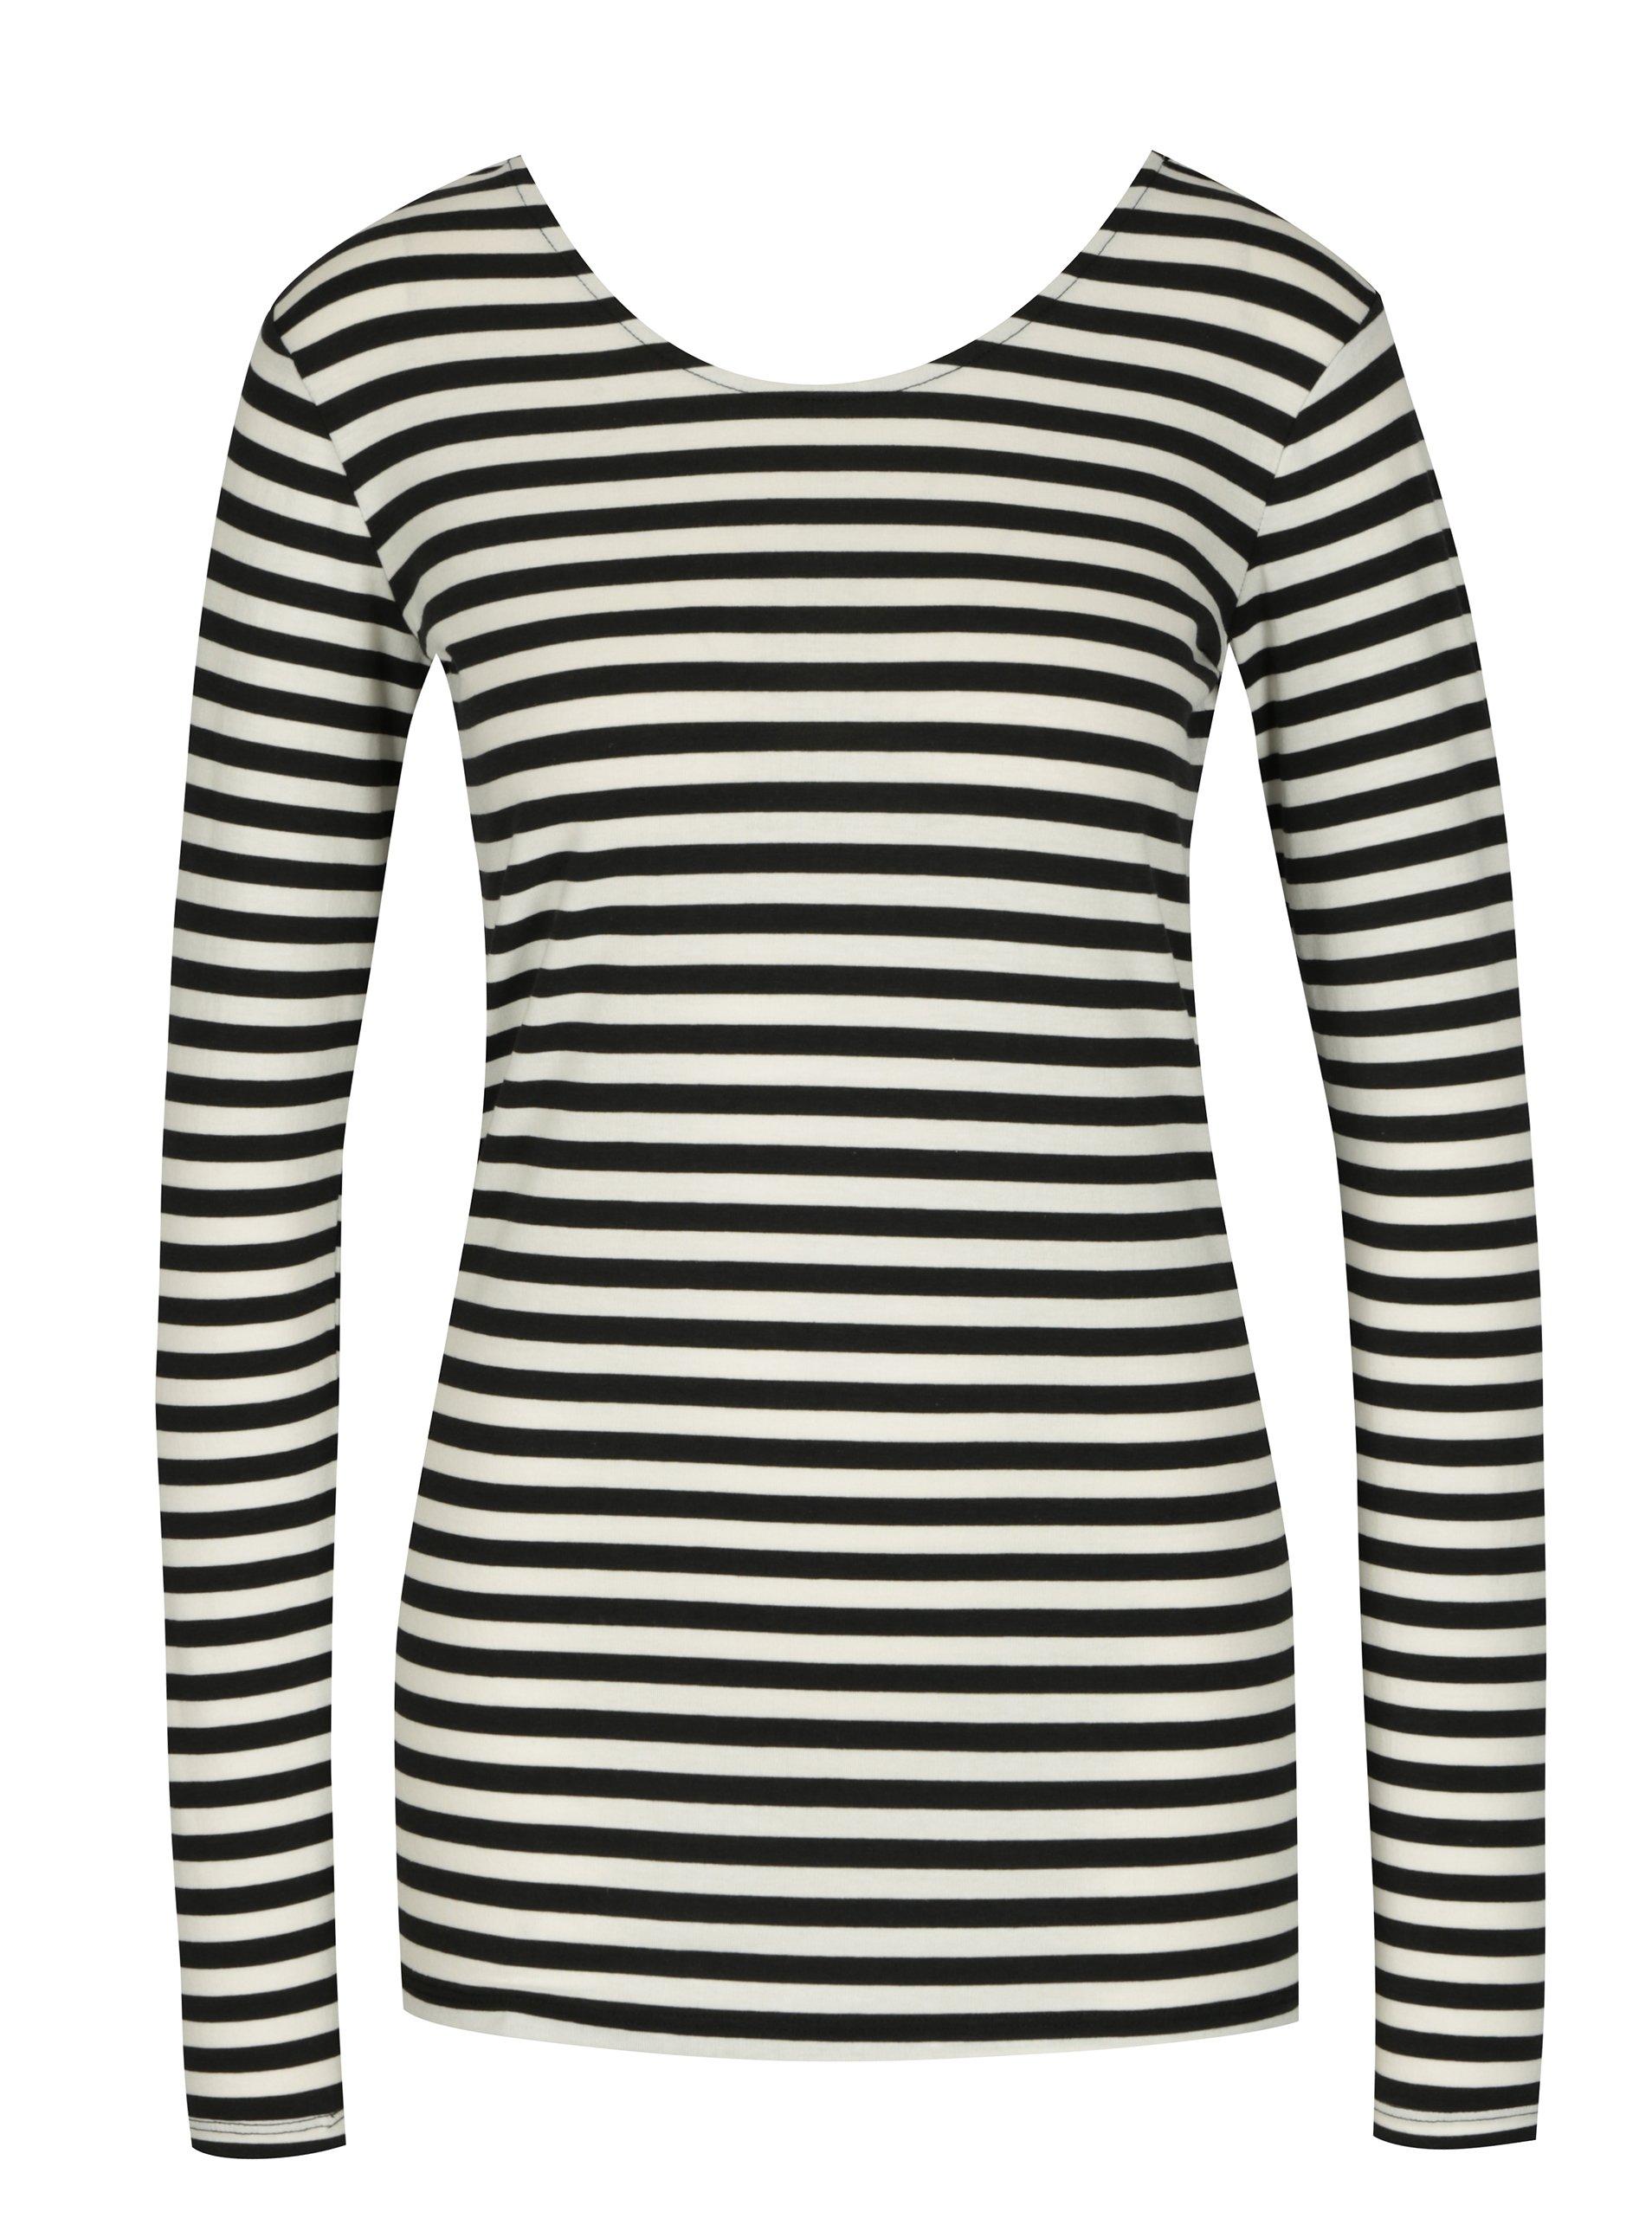 ef6bd099f Krémovo-čierne dámske pruhované tričko s dlhým rukávom Gracia Jeans ...